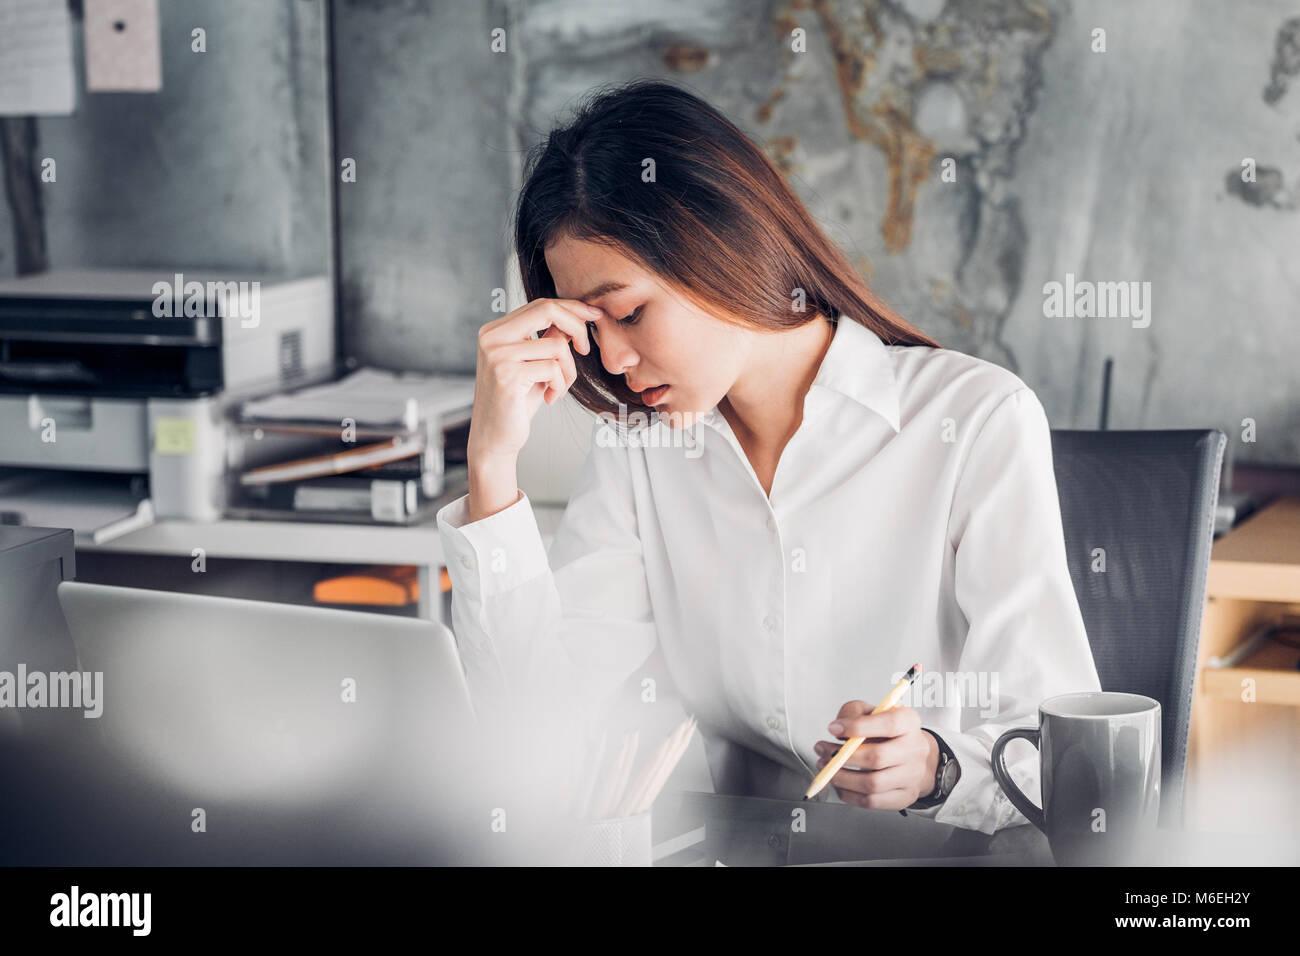 Frustrado empresaria asiática cubrir su rostro con ambas manos y sentir malestar de trabajo delante de ordenador Imagen De Stock